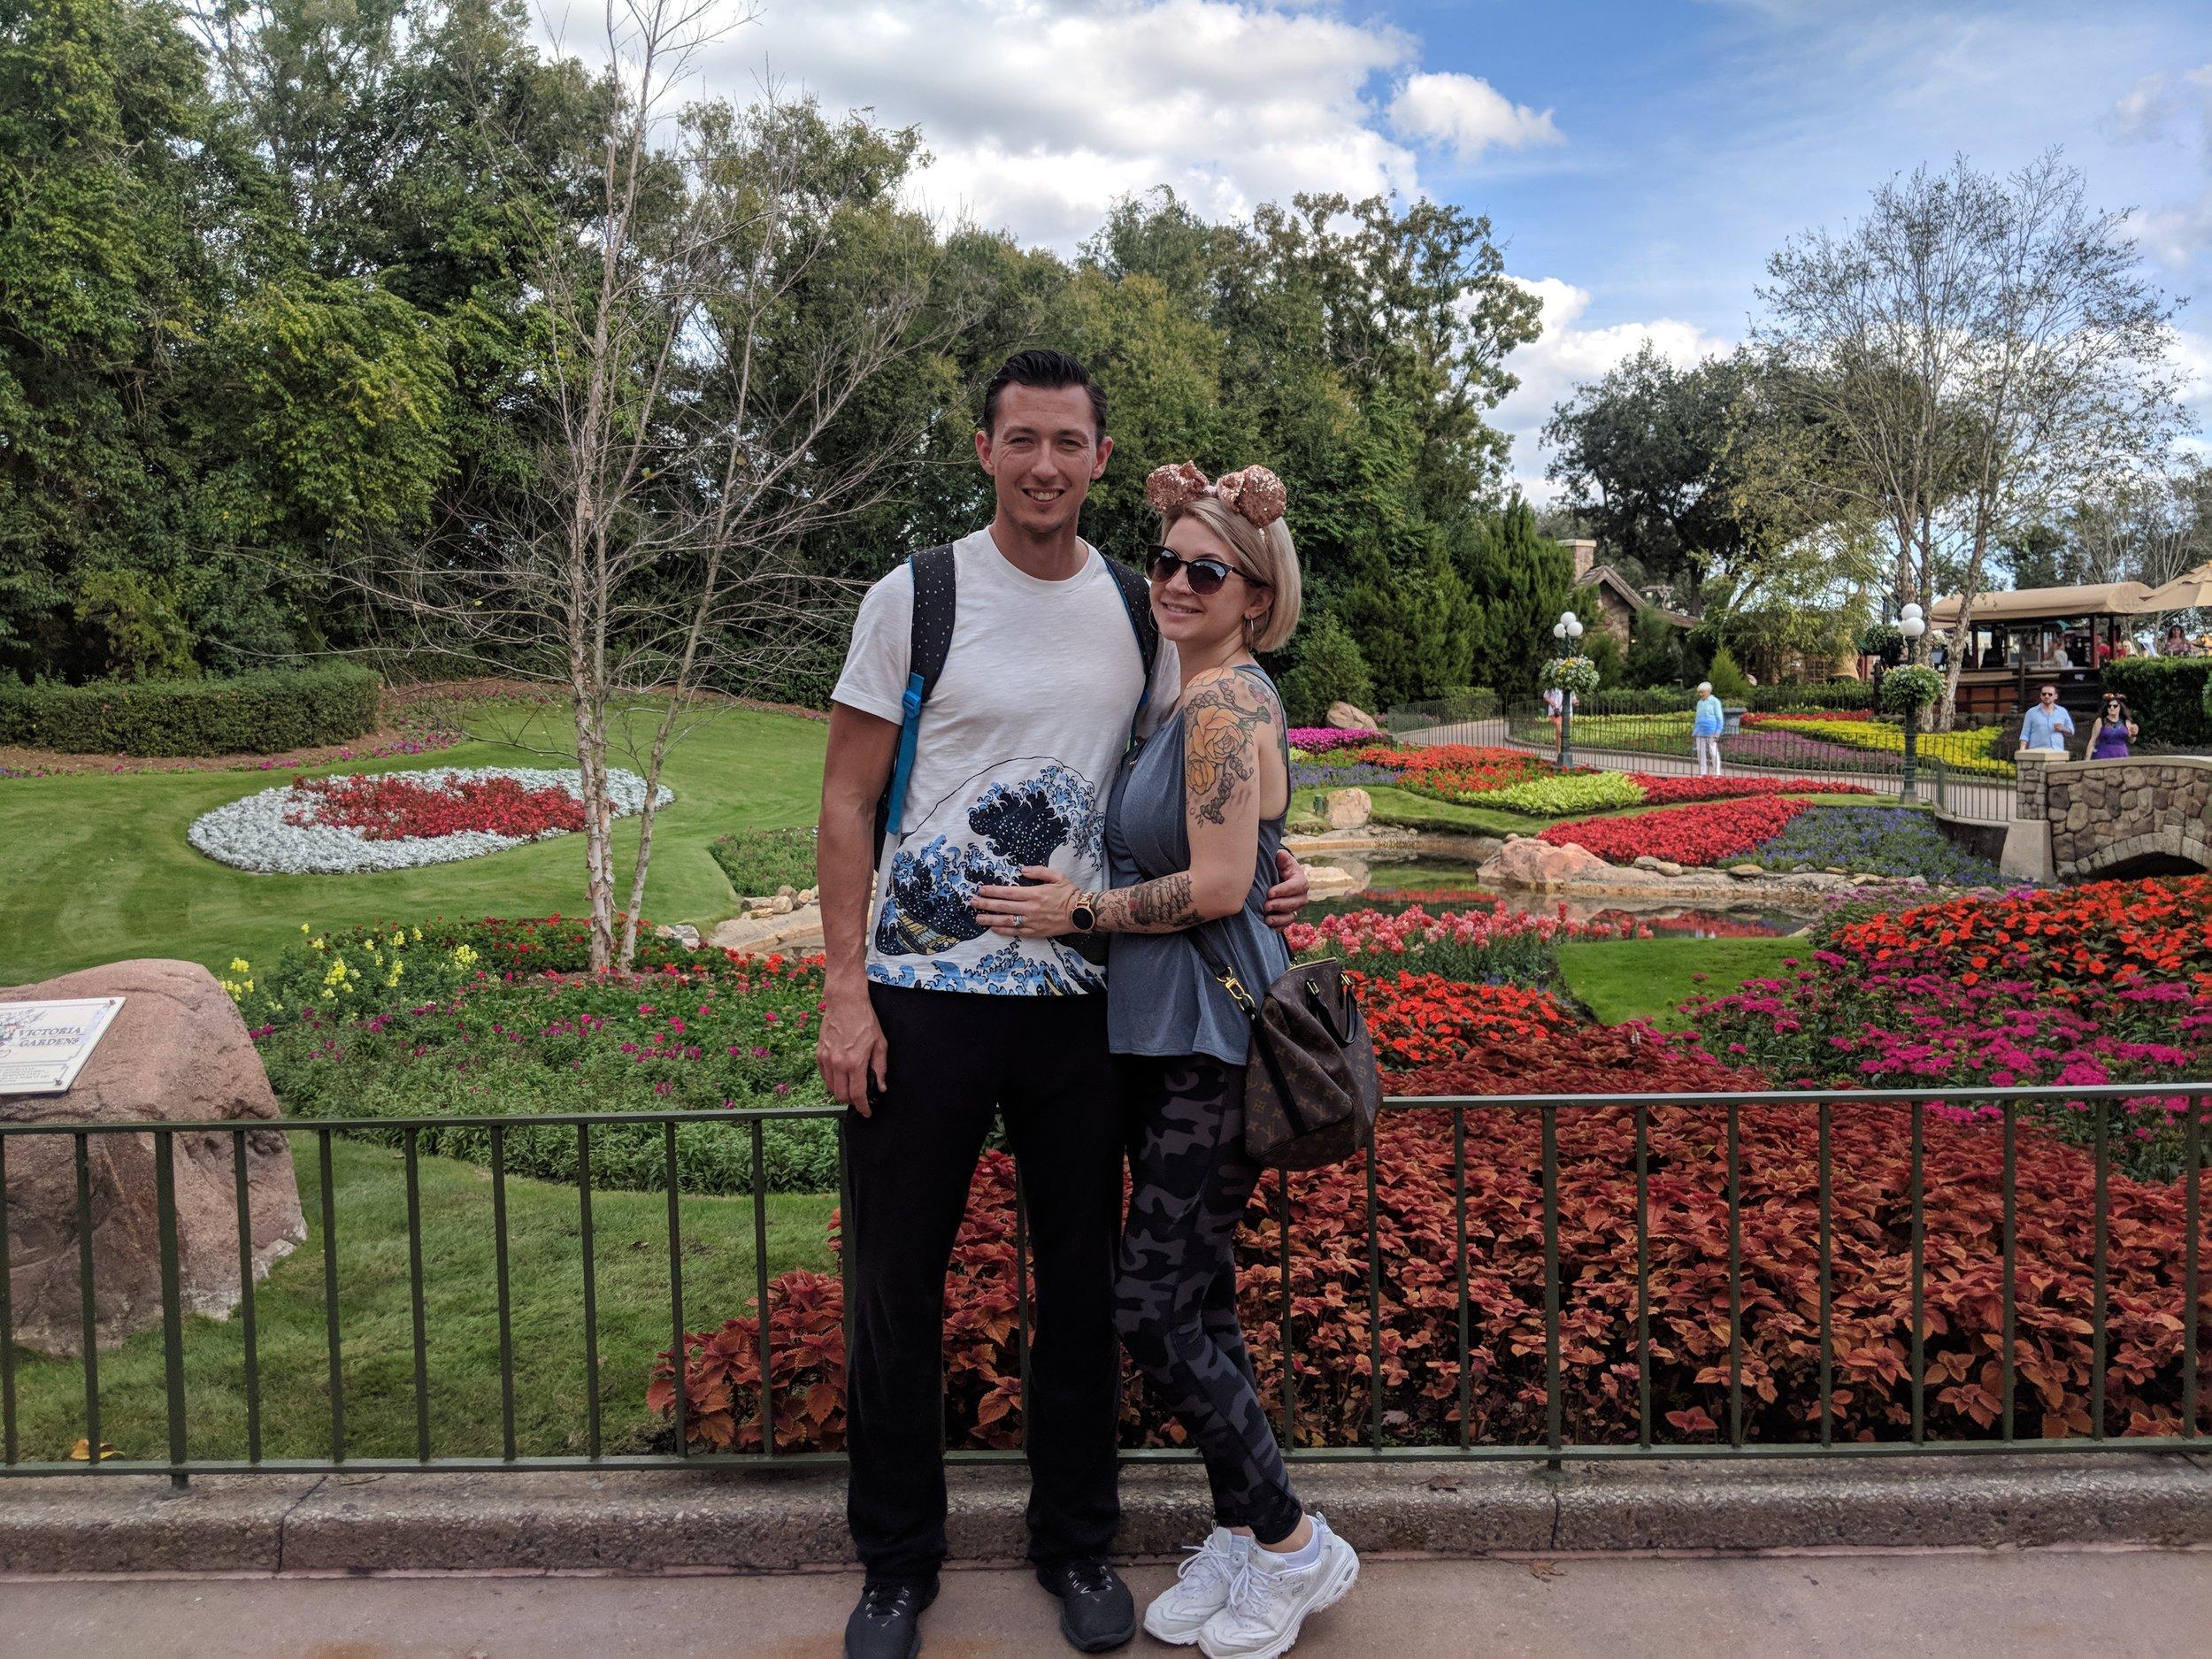 Us in Disney World, Jan 2019